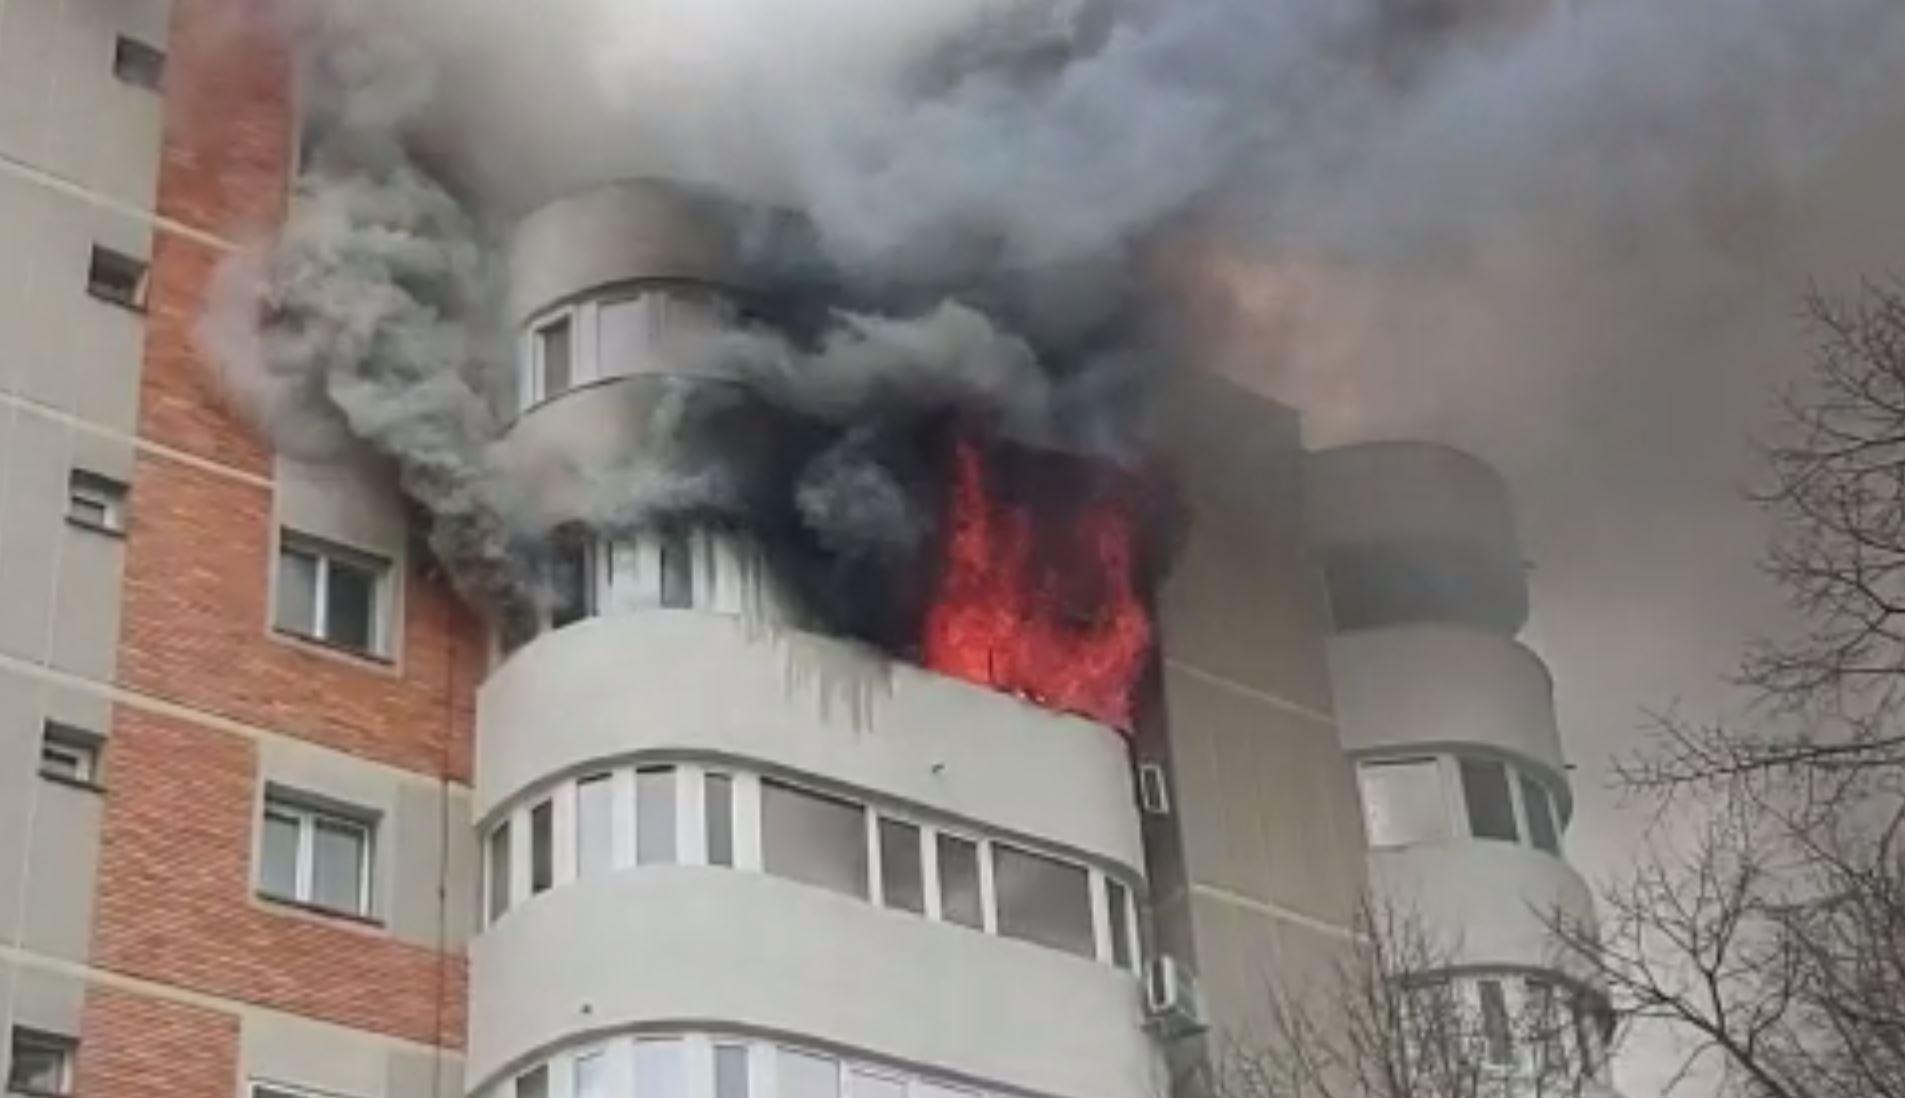 Momente dramatice într-un bloc din Uricani. Două persoane au ieșit pe pervaz la etajul 4, speriate de un incendiu